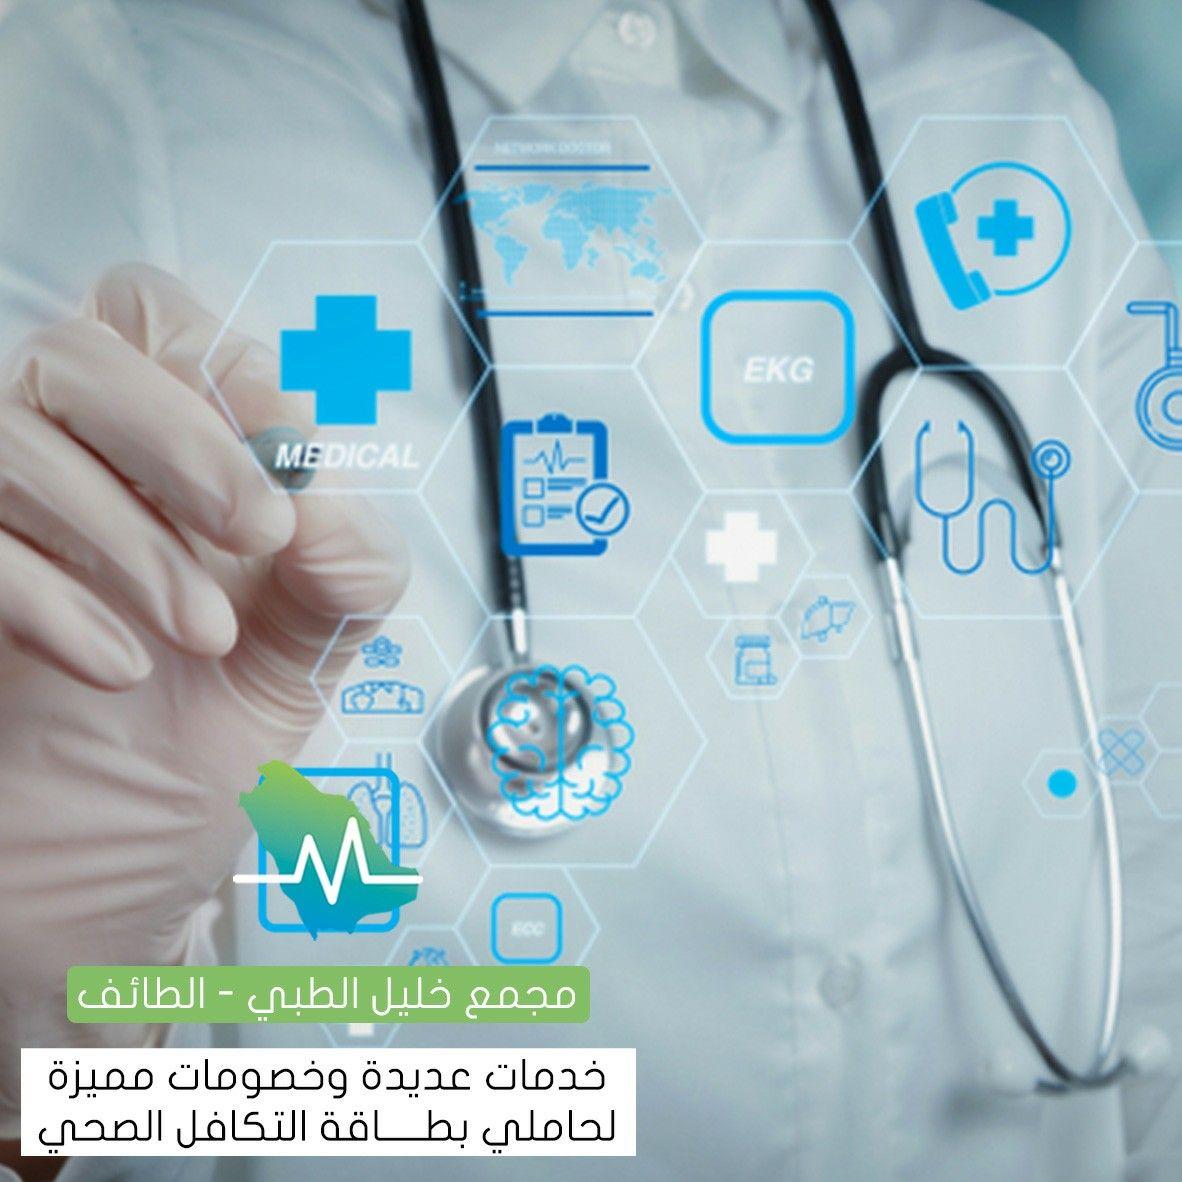 تميز بالخصومات على بطاقة التكافل الصحي في مجمع خليل الطبي في الطائف الكشوفات 30 الخدمات 10 صحة علاج مركز صحي Medical Ekg Electronic Products